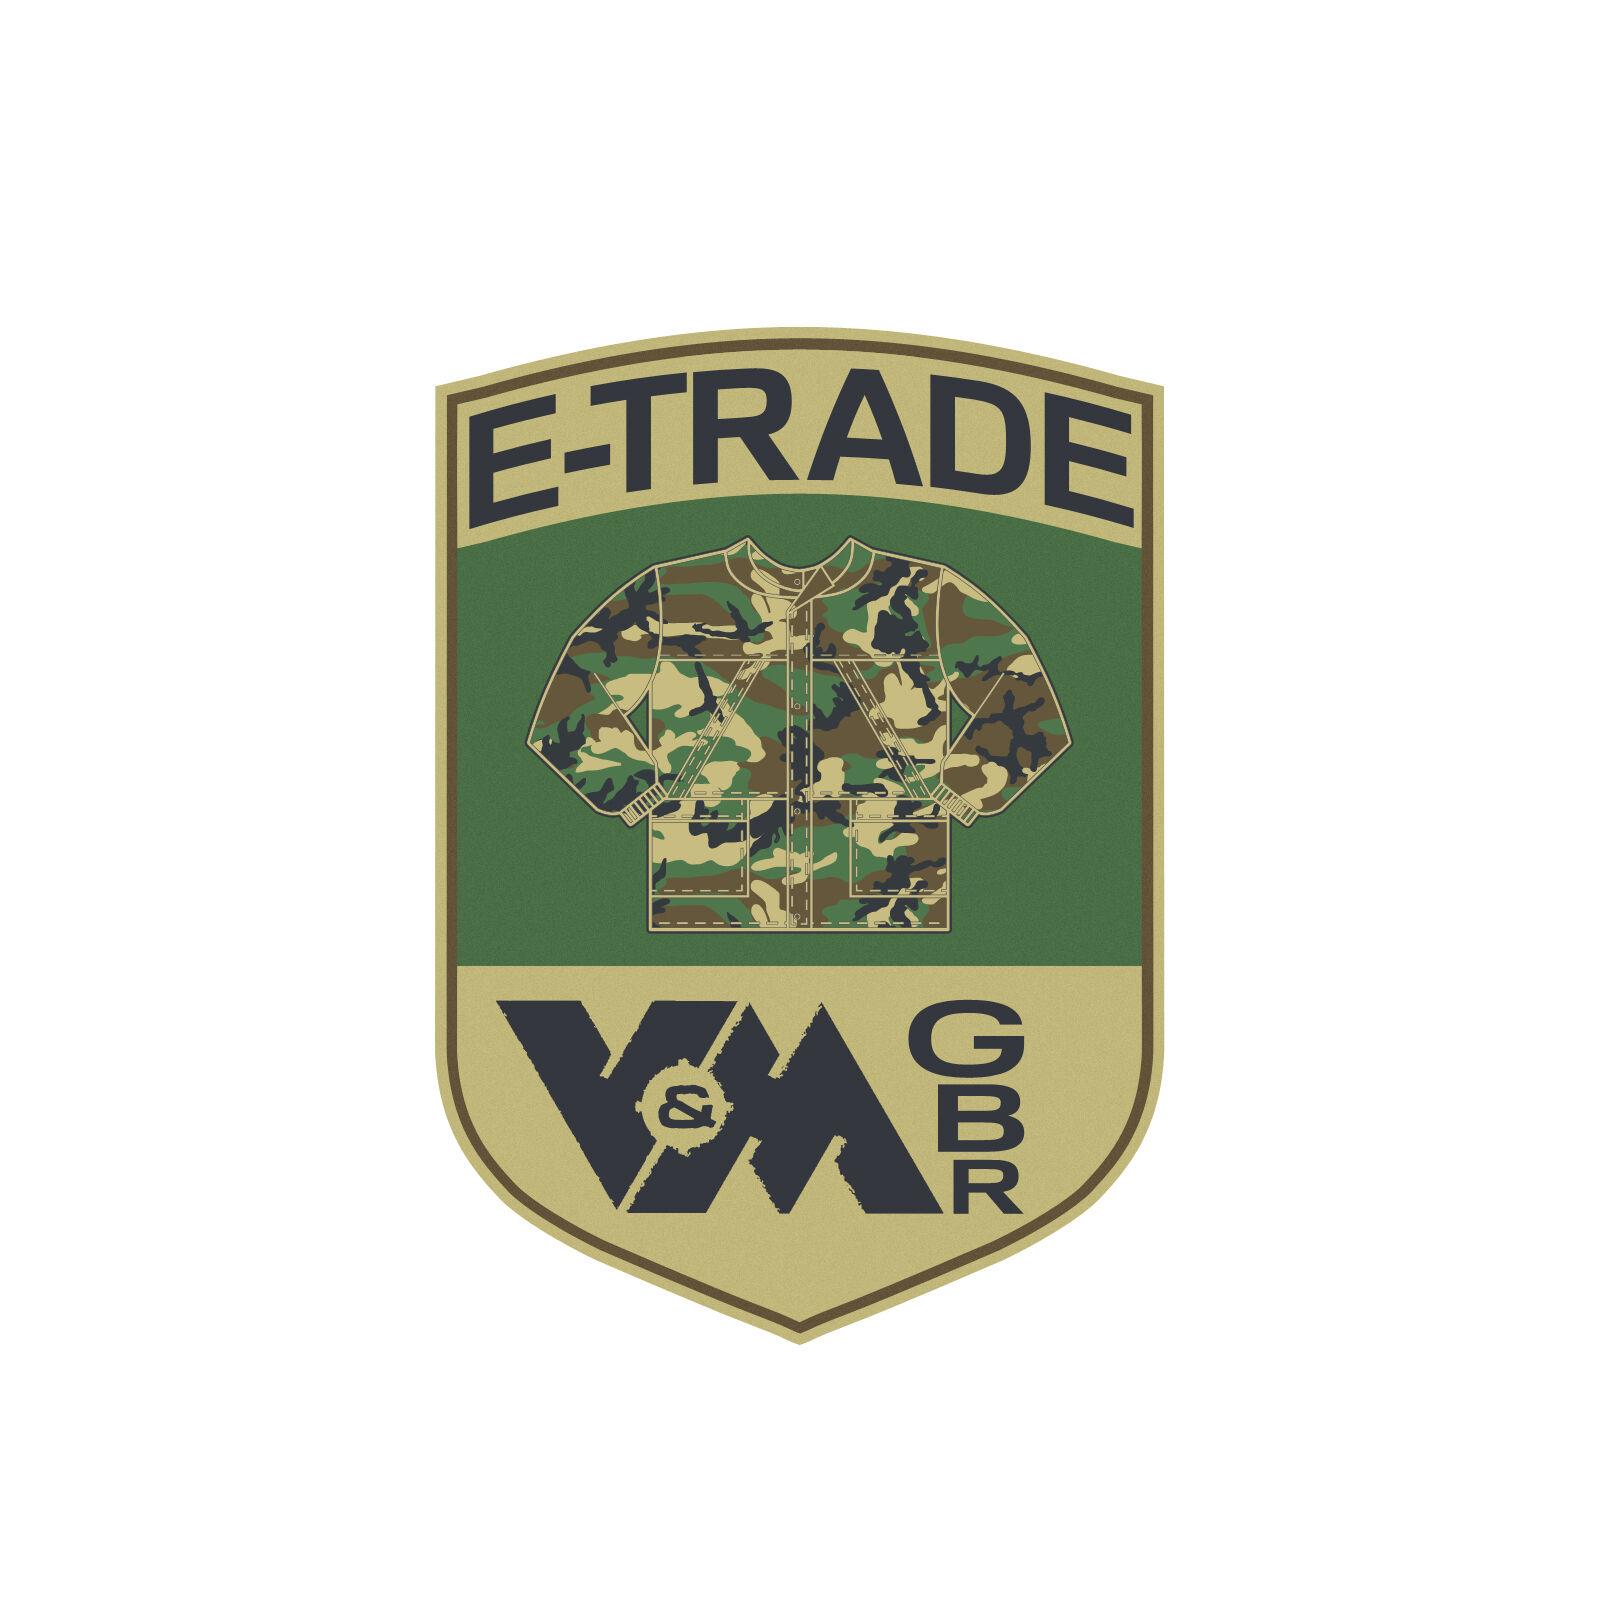 etrade_vm